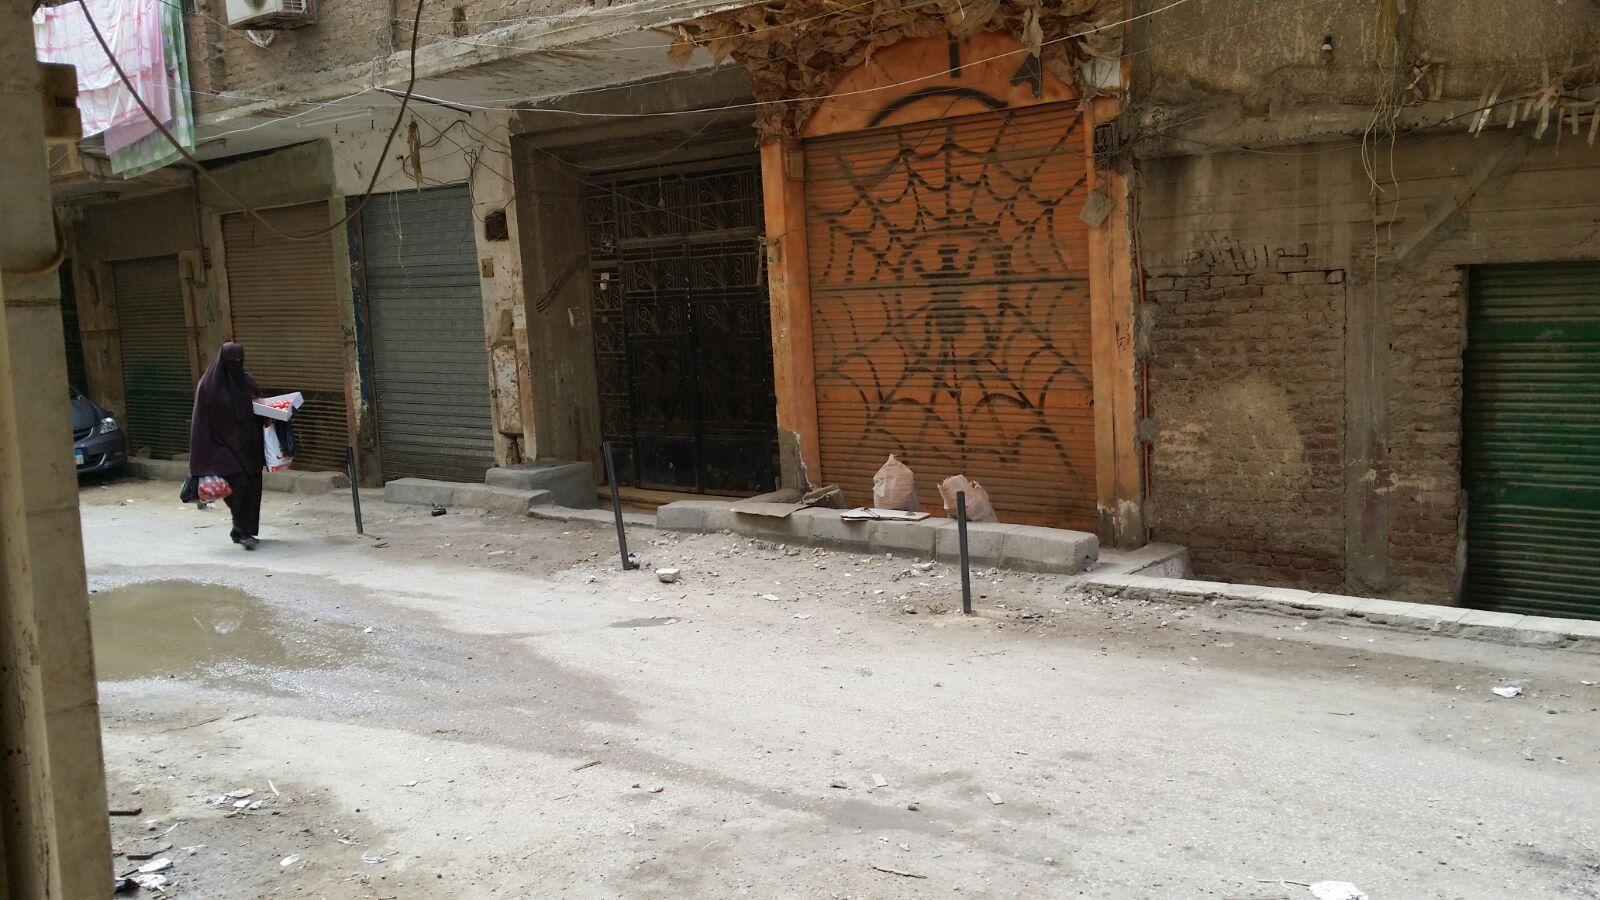 إشغالات في شارع الصناديلي بالجيزة تعرقل حركة المواطنين والسيارات